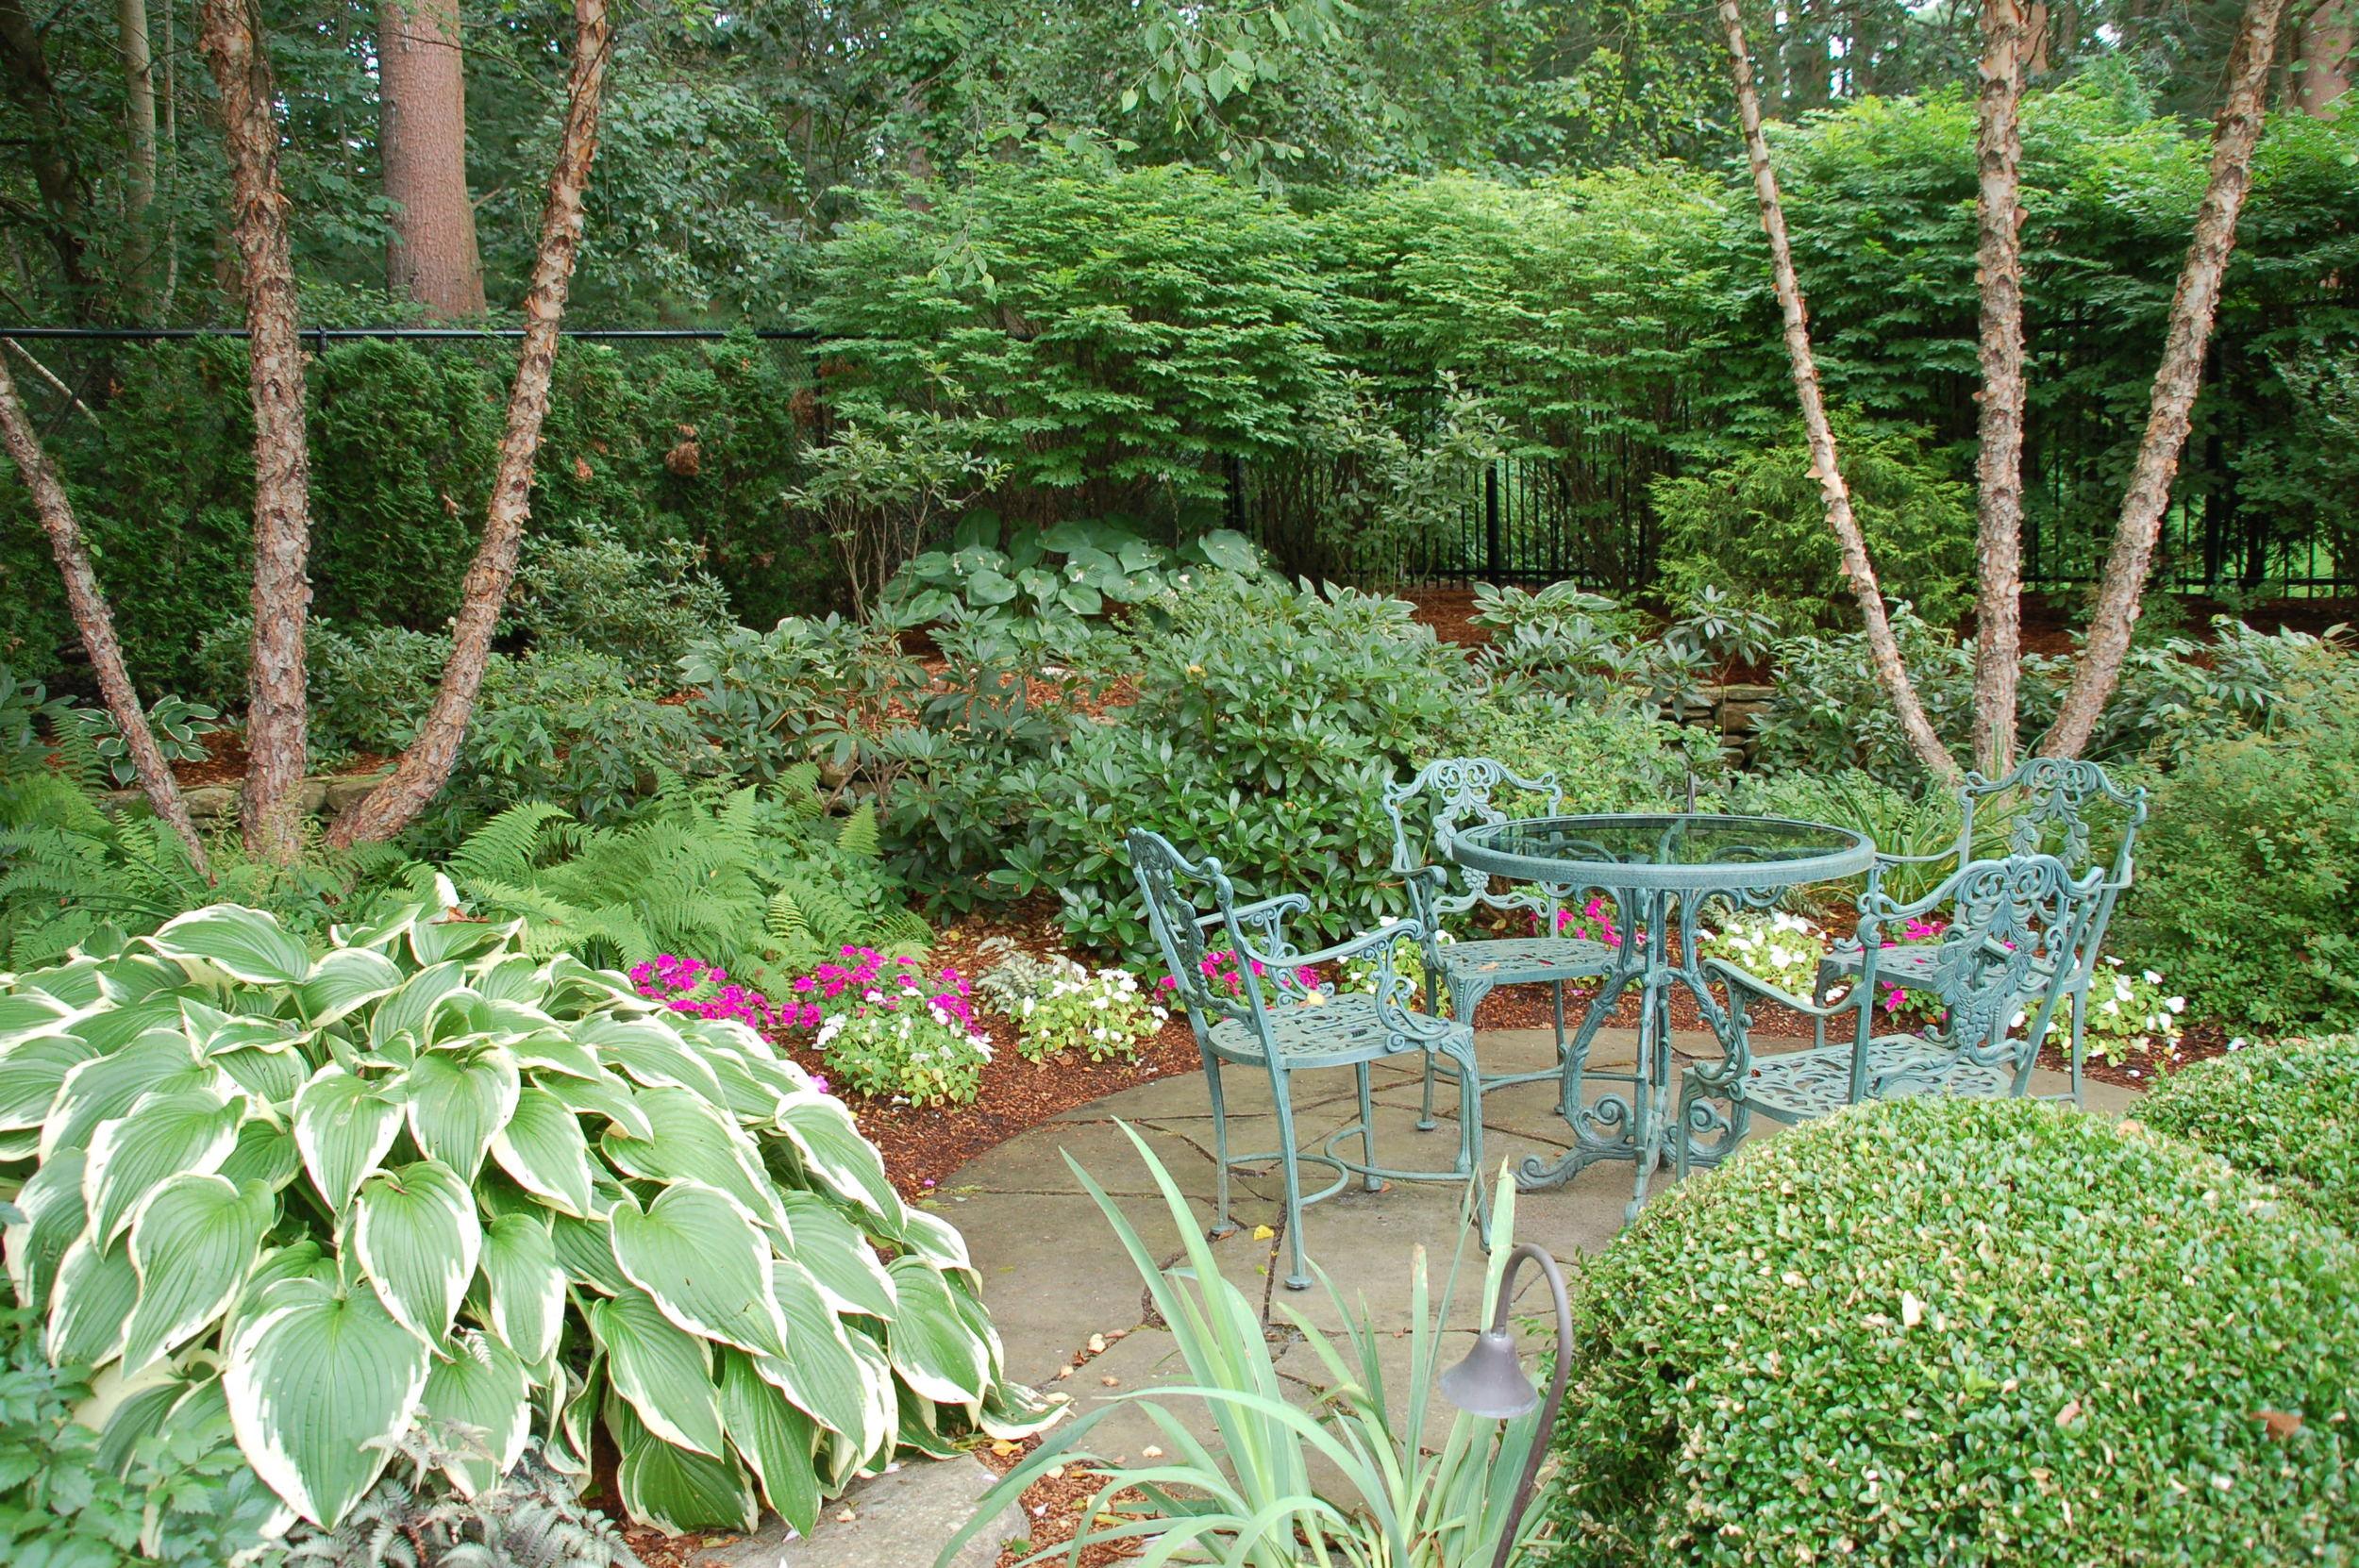 Rustic Patio and Garden, Andover